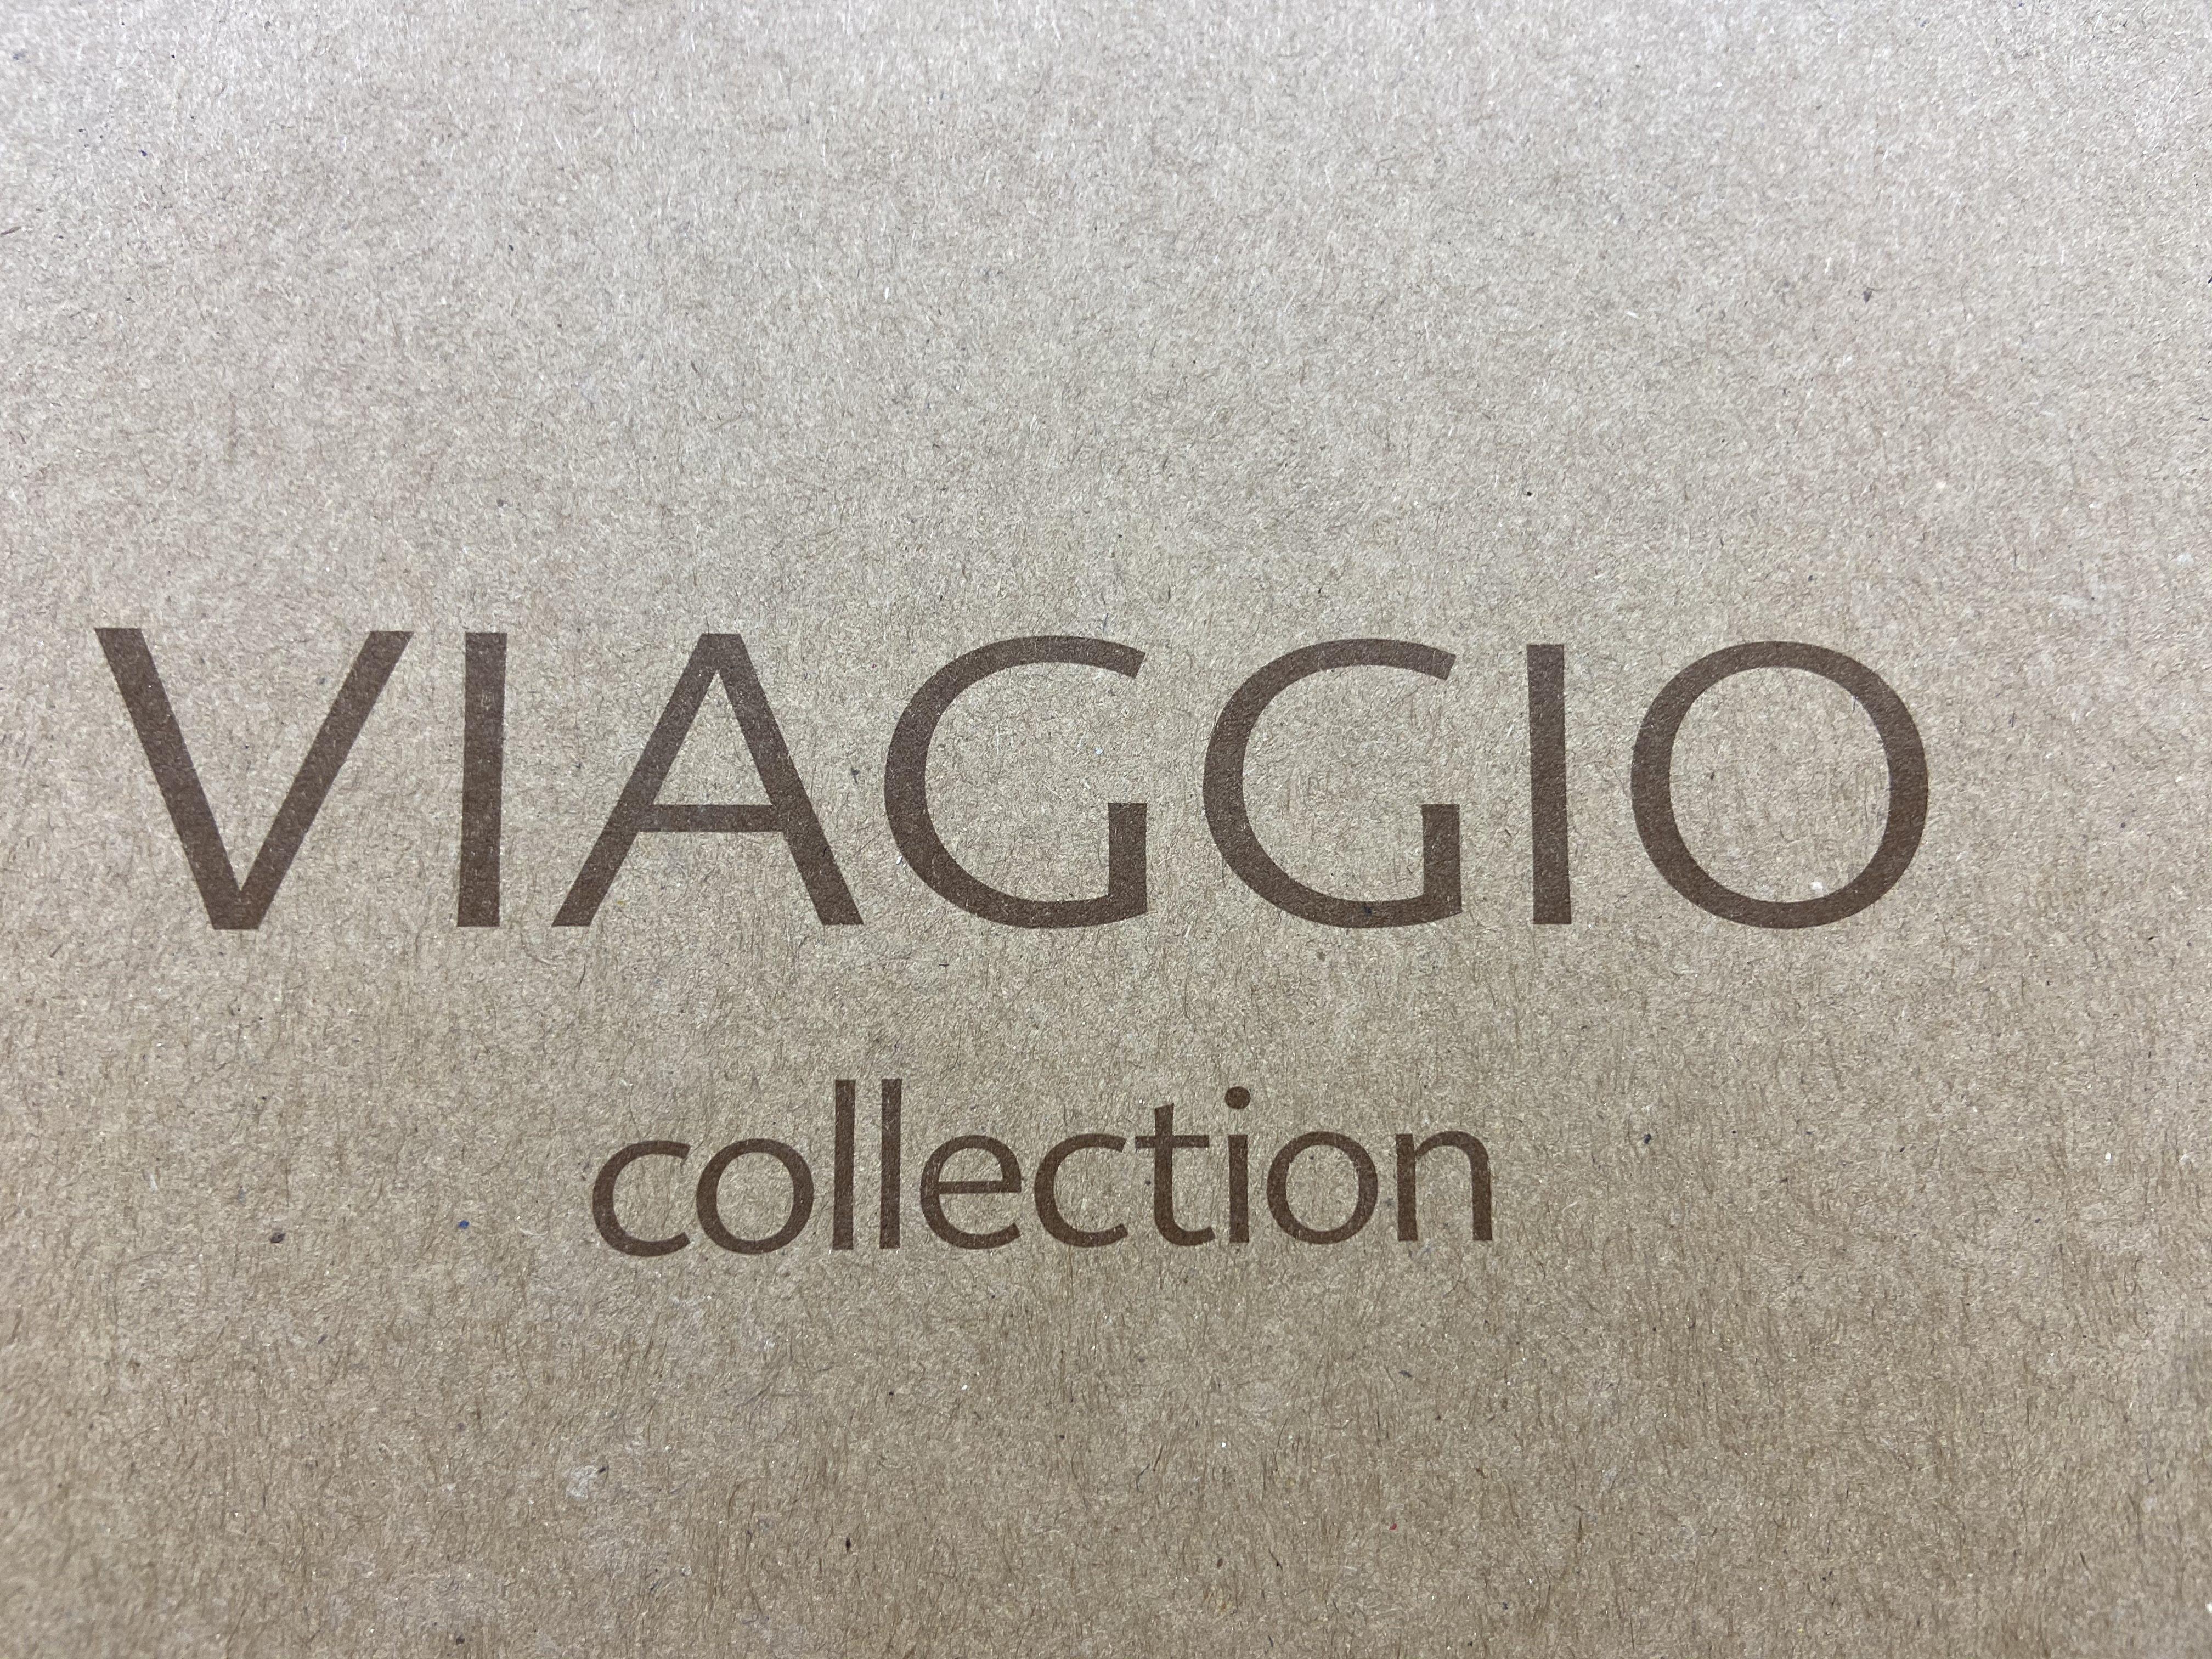 VIAGGIO